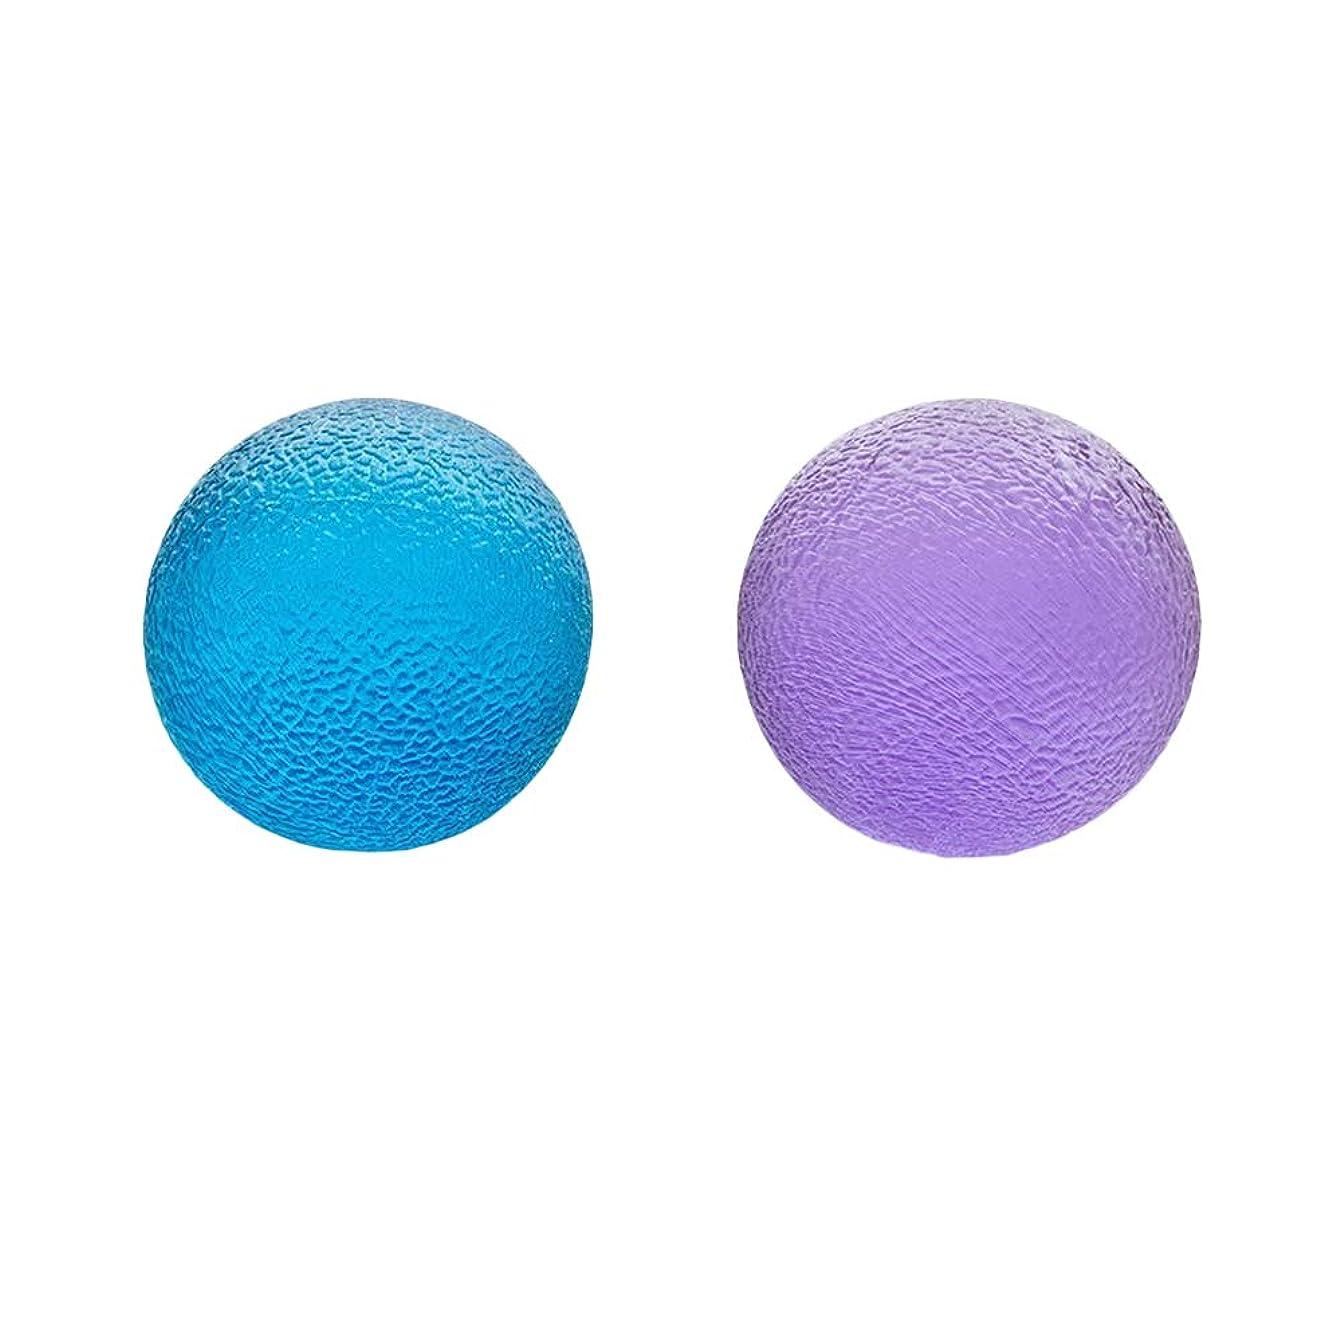 歯車ジョブシンカンHealifty ハンドストレスボールセラピーボールストレス解消のためにハンドグリップボールを絞る関節炎の痛みを軽減するセラピー強化治療2個(青と紫)